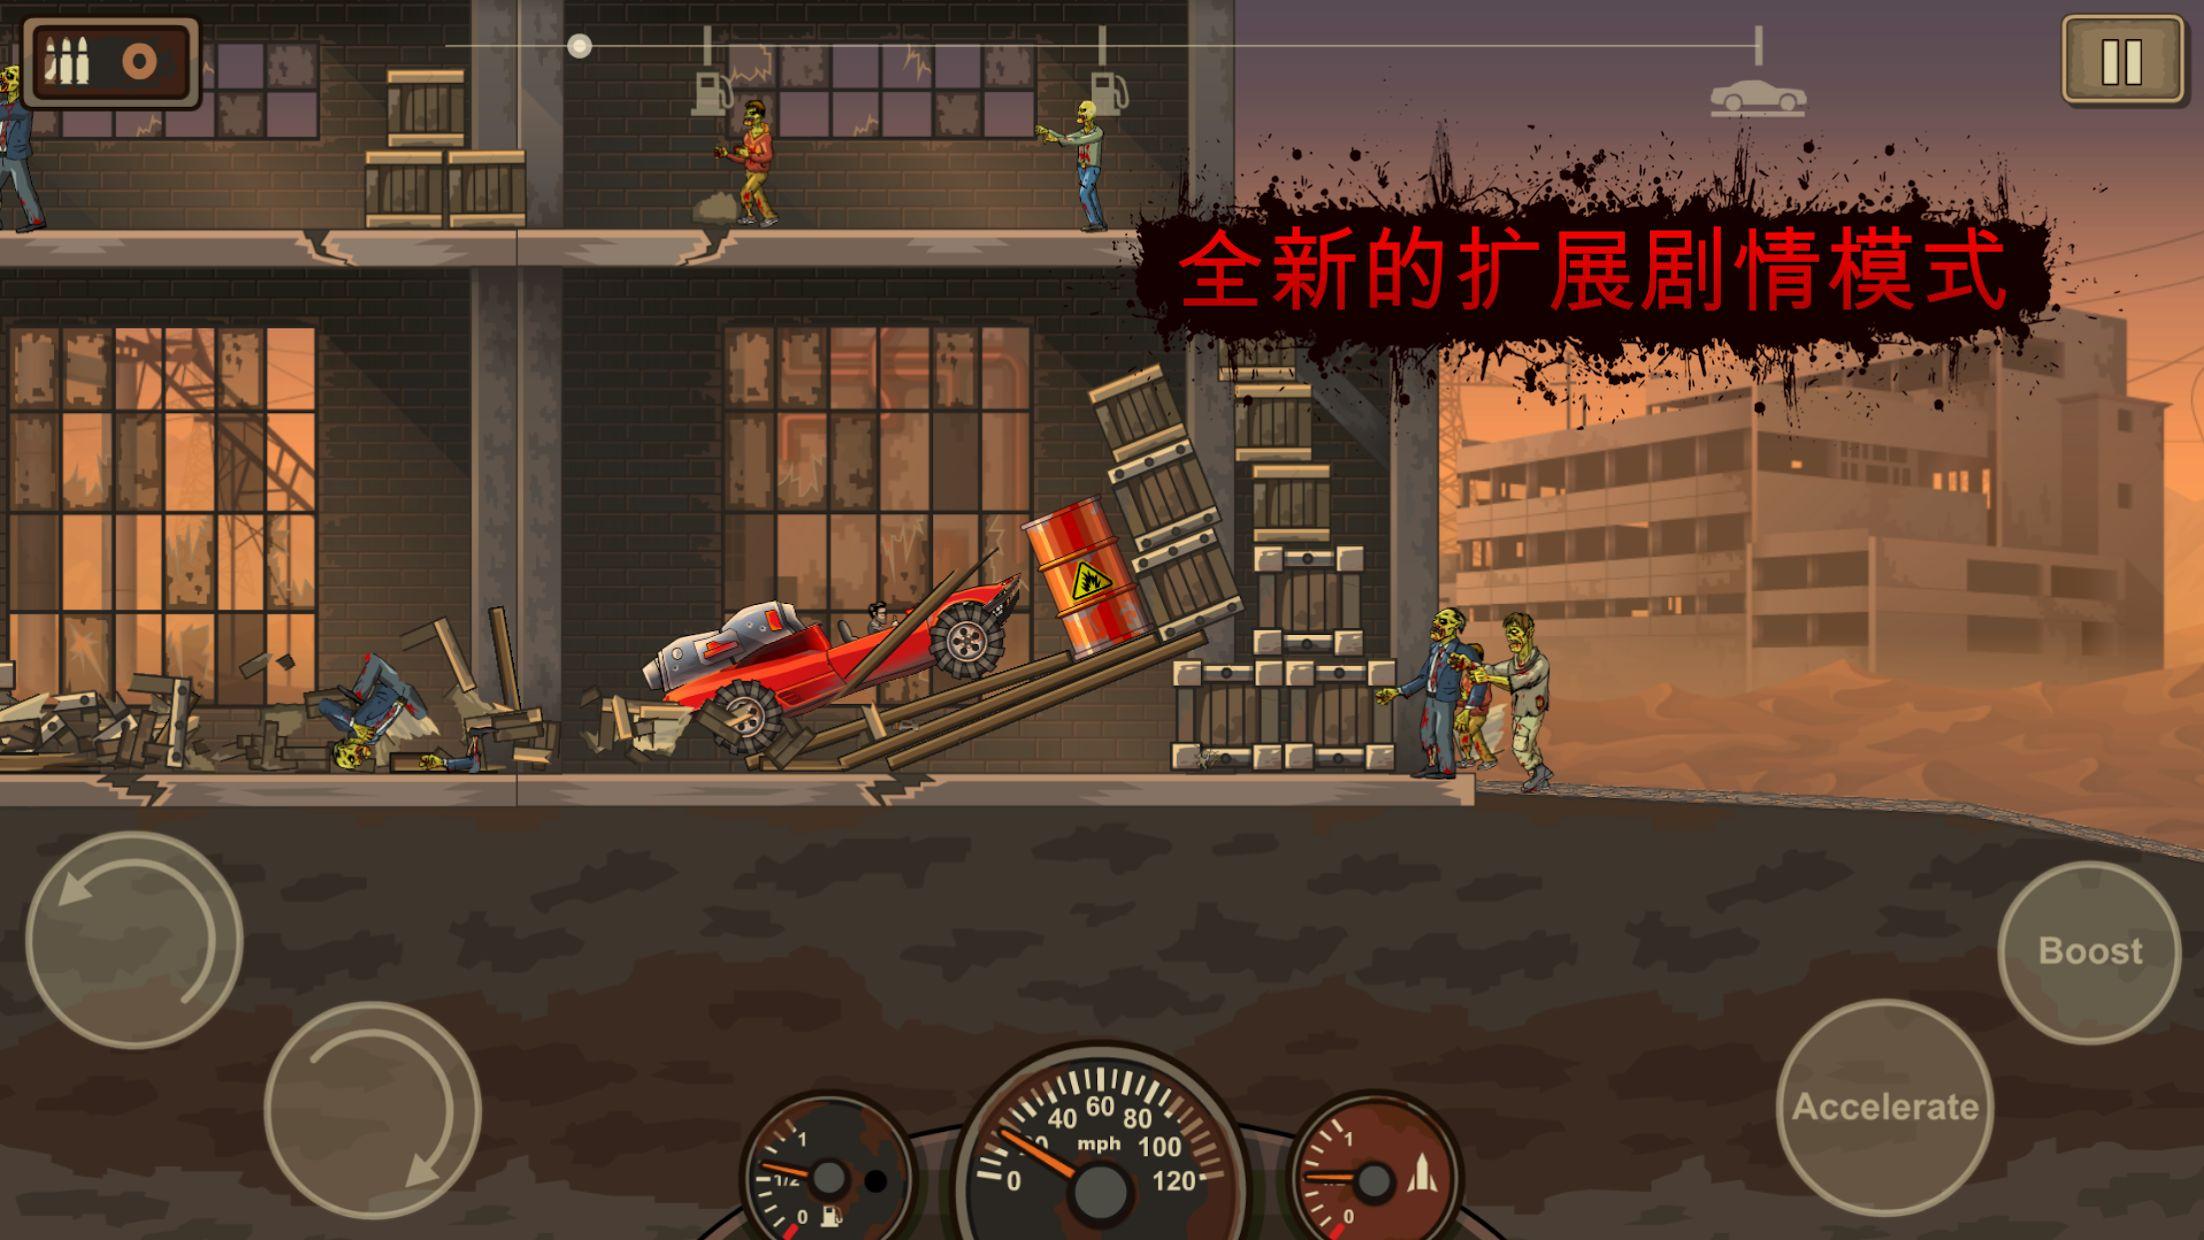 战车撞僵尸2 (Earn to Die 2) 游戏截图2